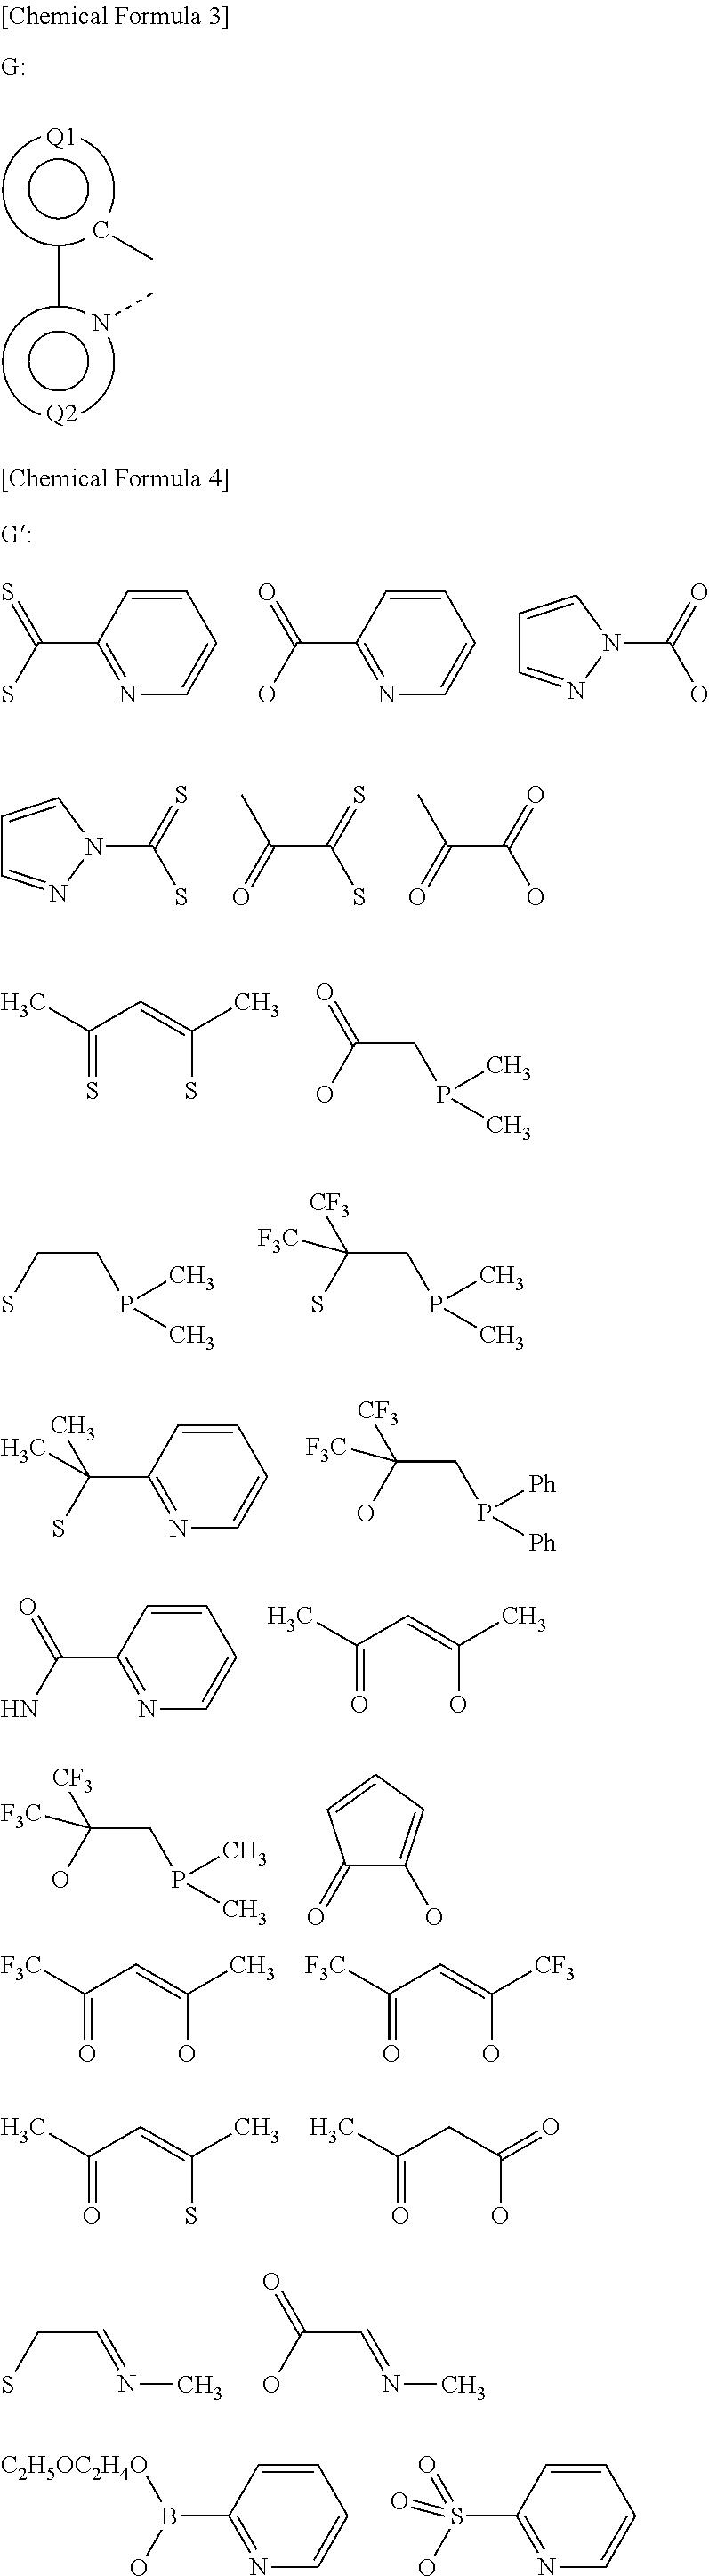 Figure US20110215312A1-20110908-C00003